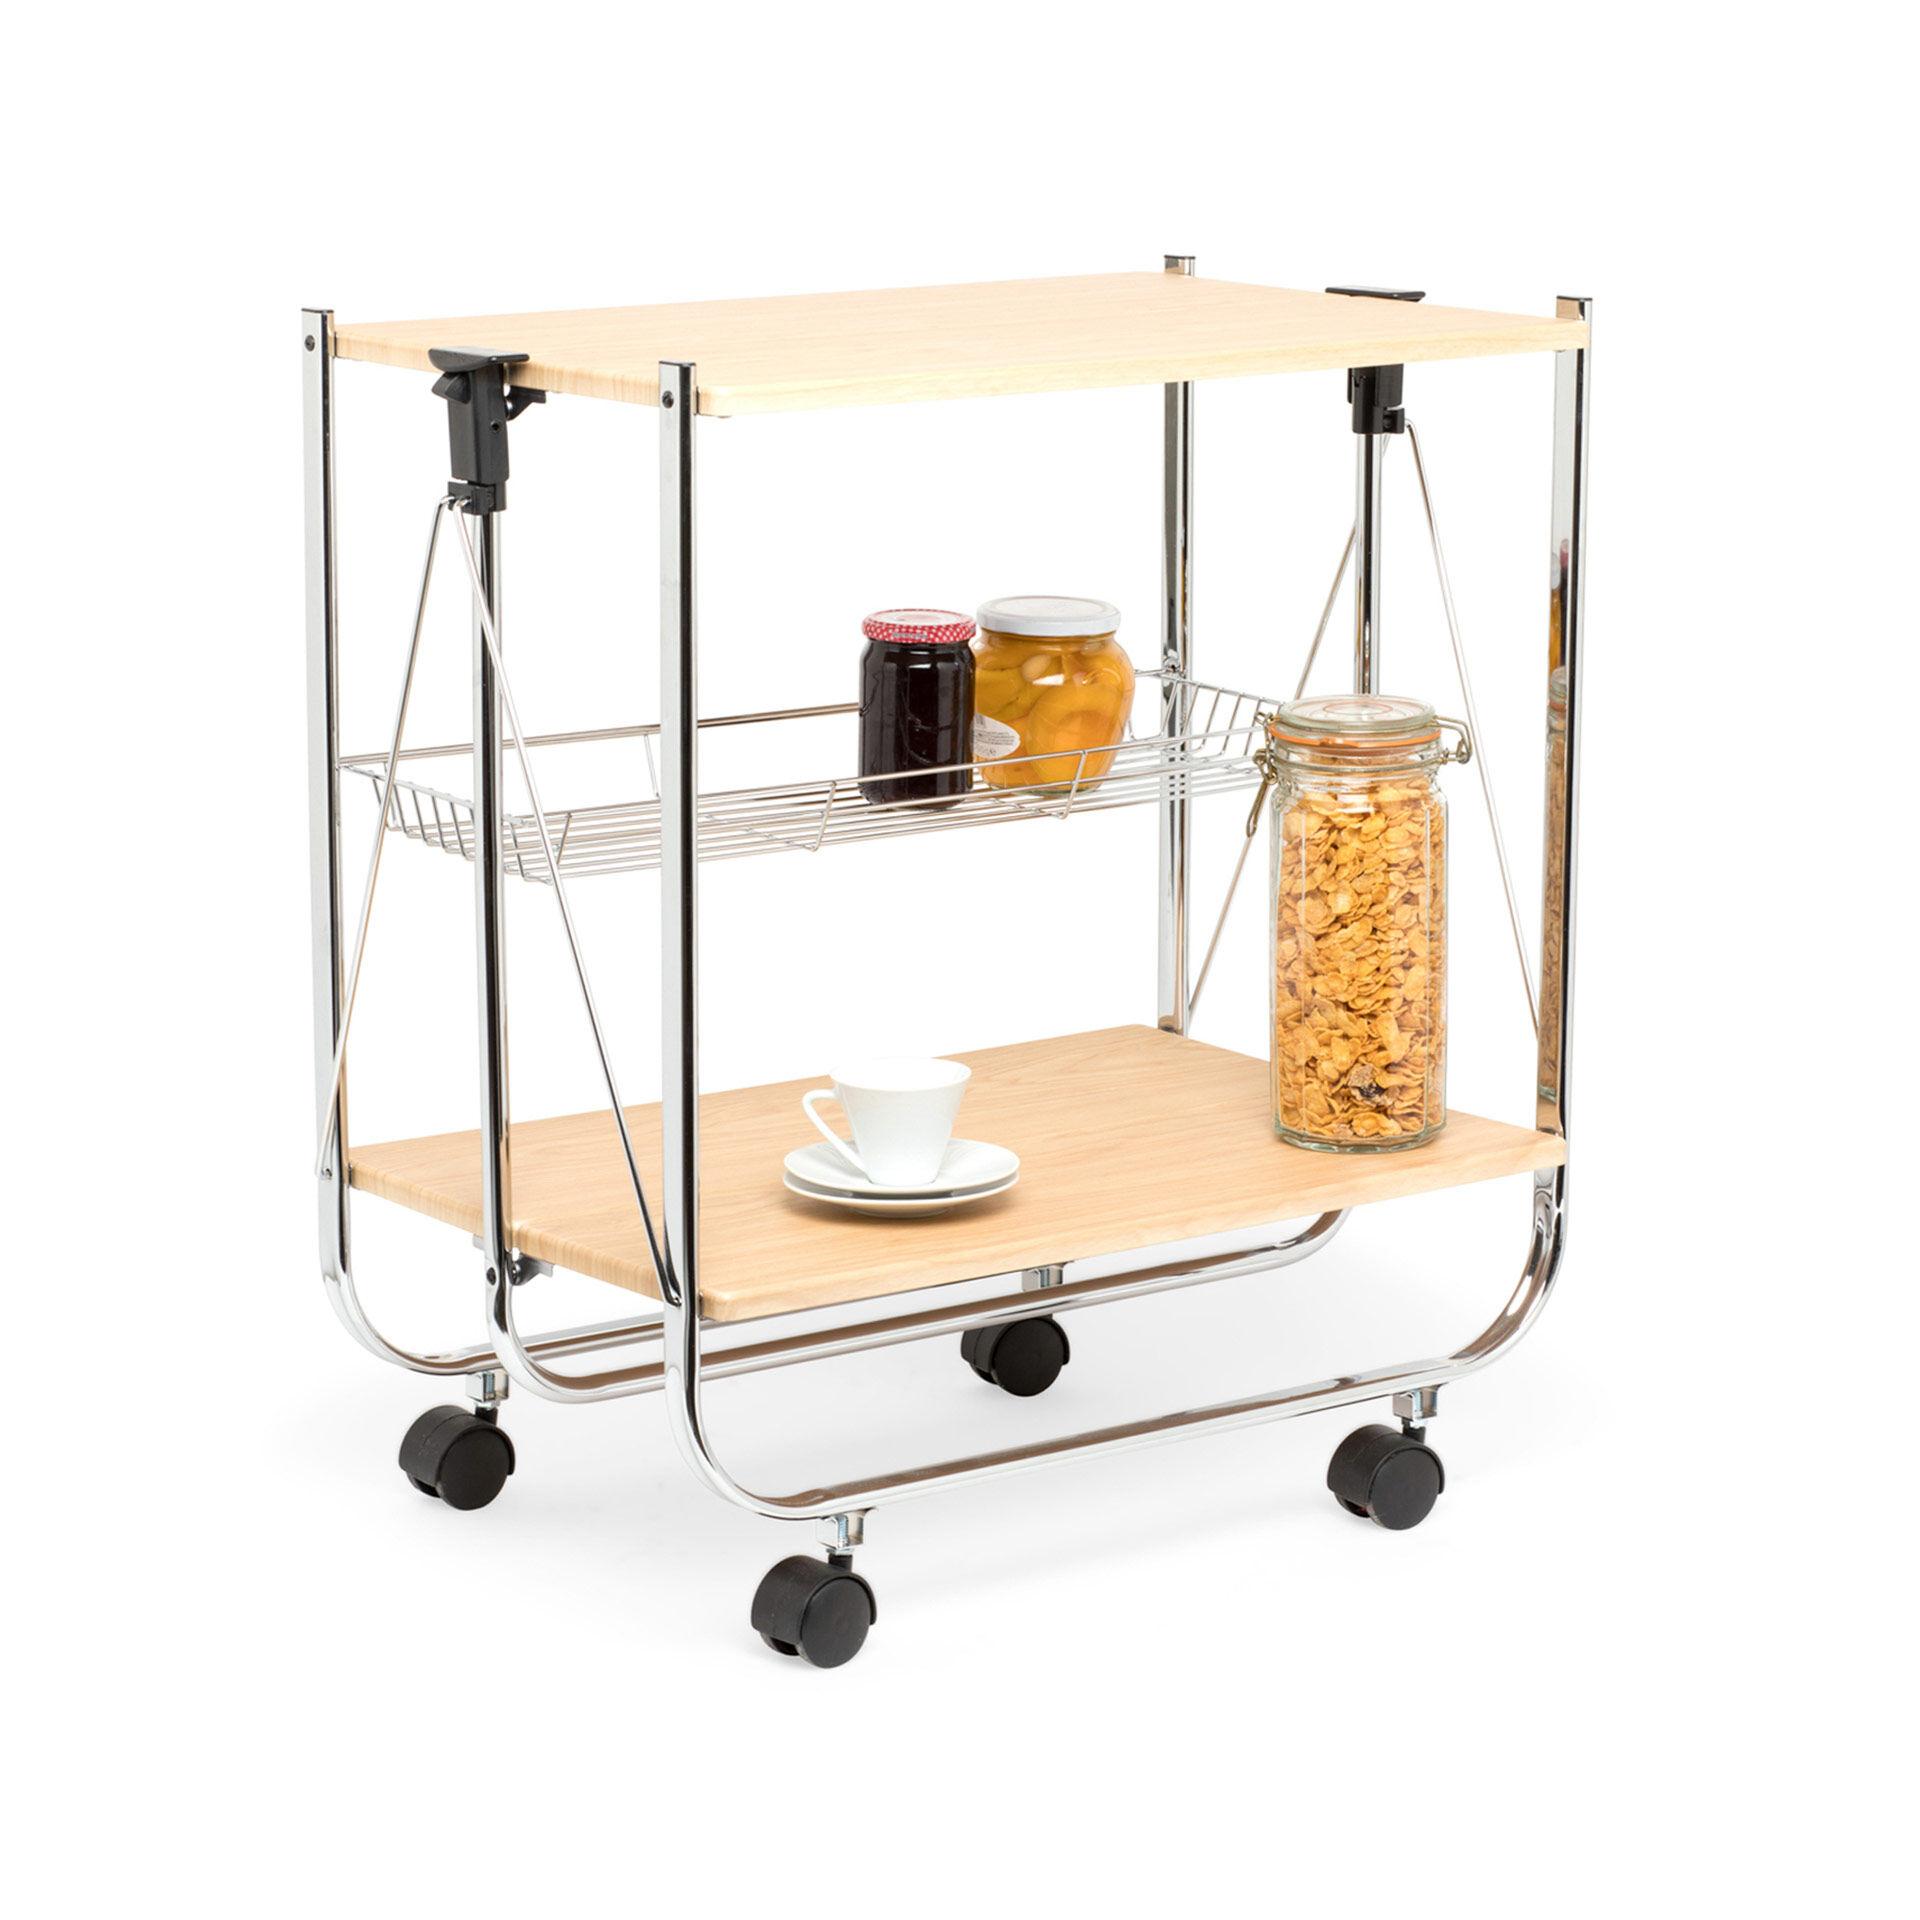 Chariot de cuisine pliable, , large